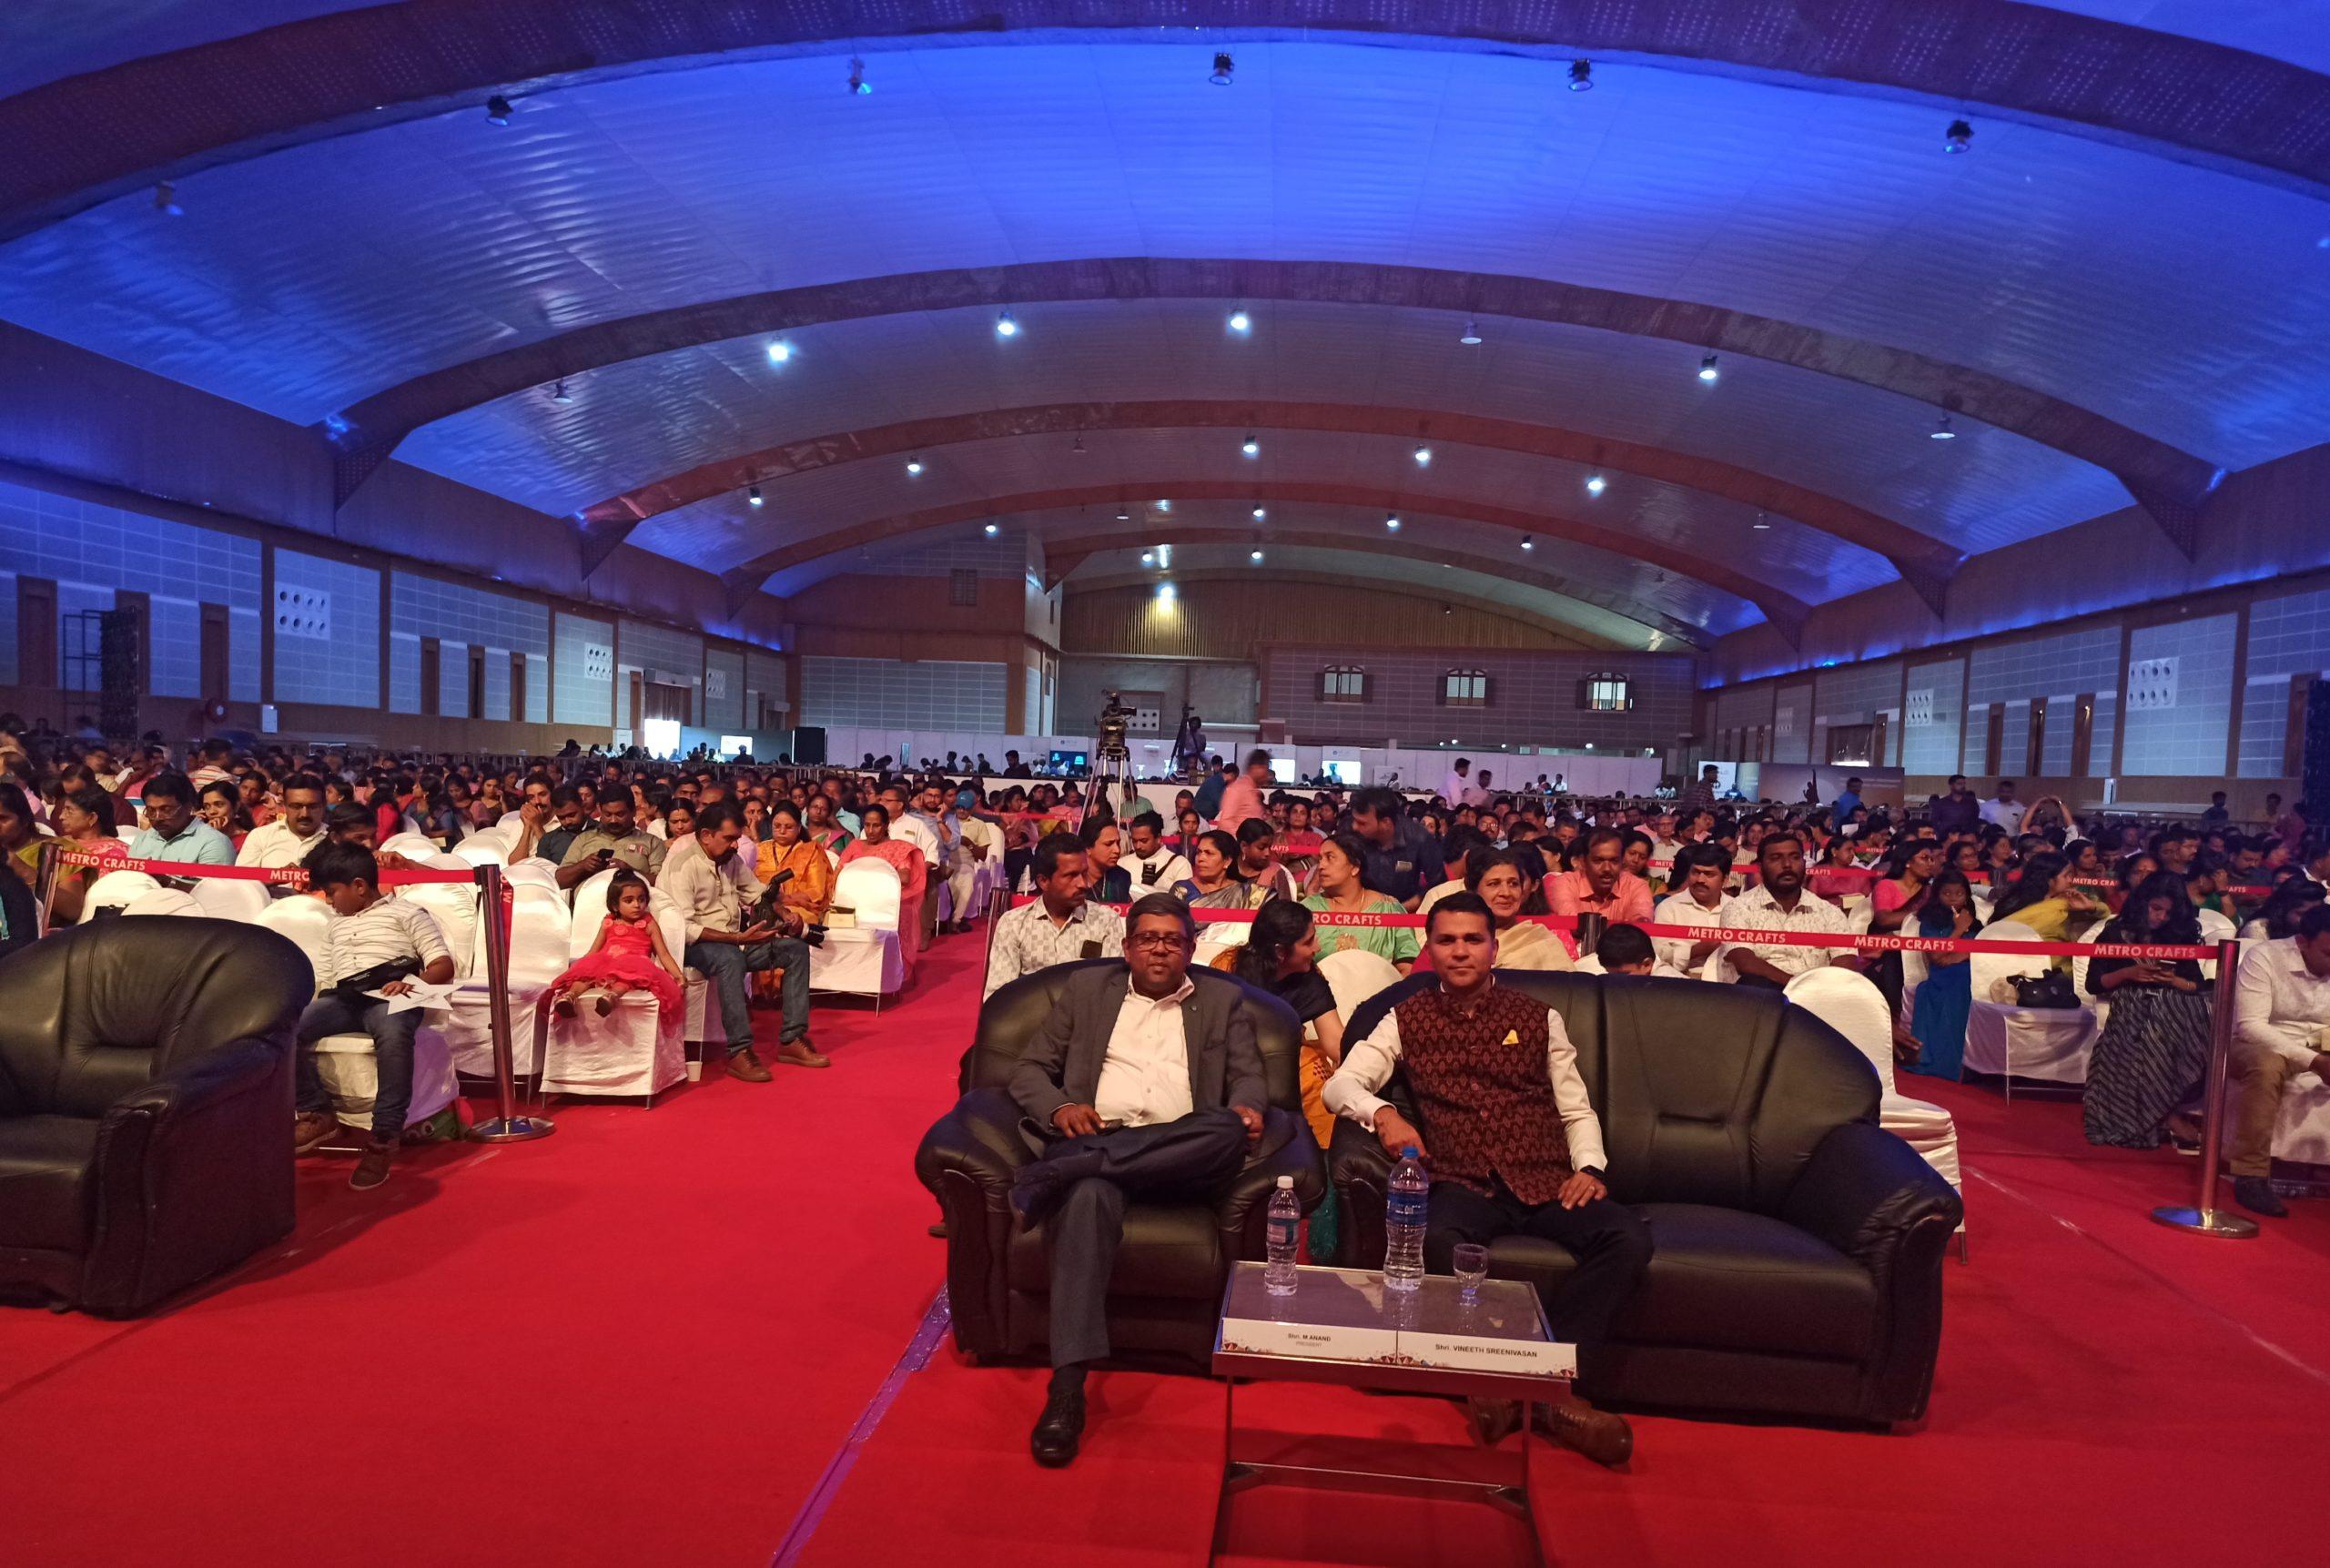 എസ്ബിഐ ലൈഫ് കൊച്ചിയില് 2700 ലൈഫ് ഇന്ഷുറന്സ് ഏജന്റുമാരുടെ കൂട്ടായ്മ സംഘടിപ്പിച്ചു